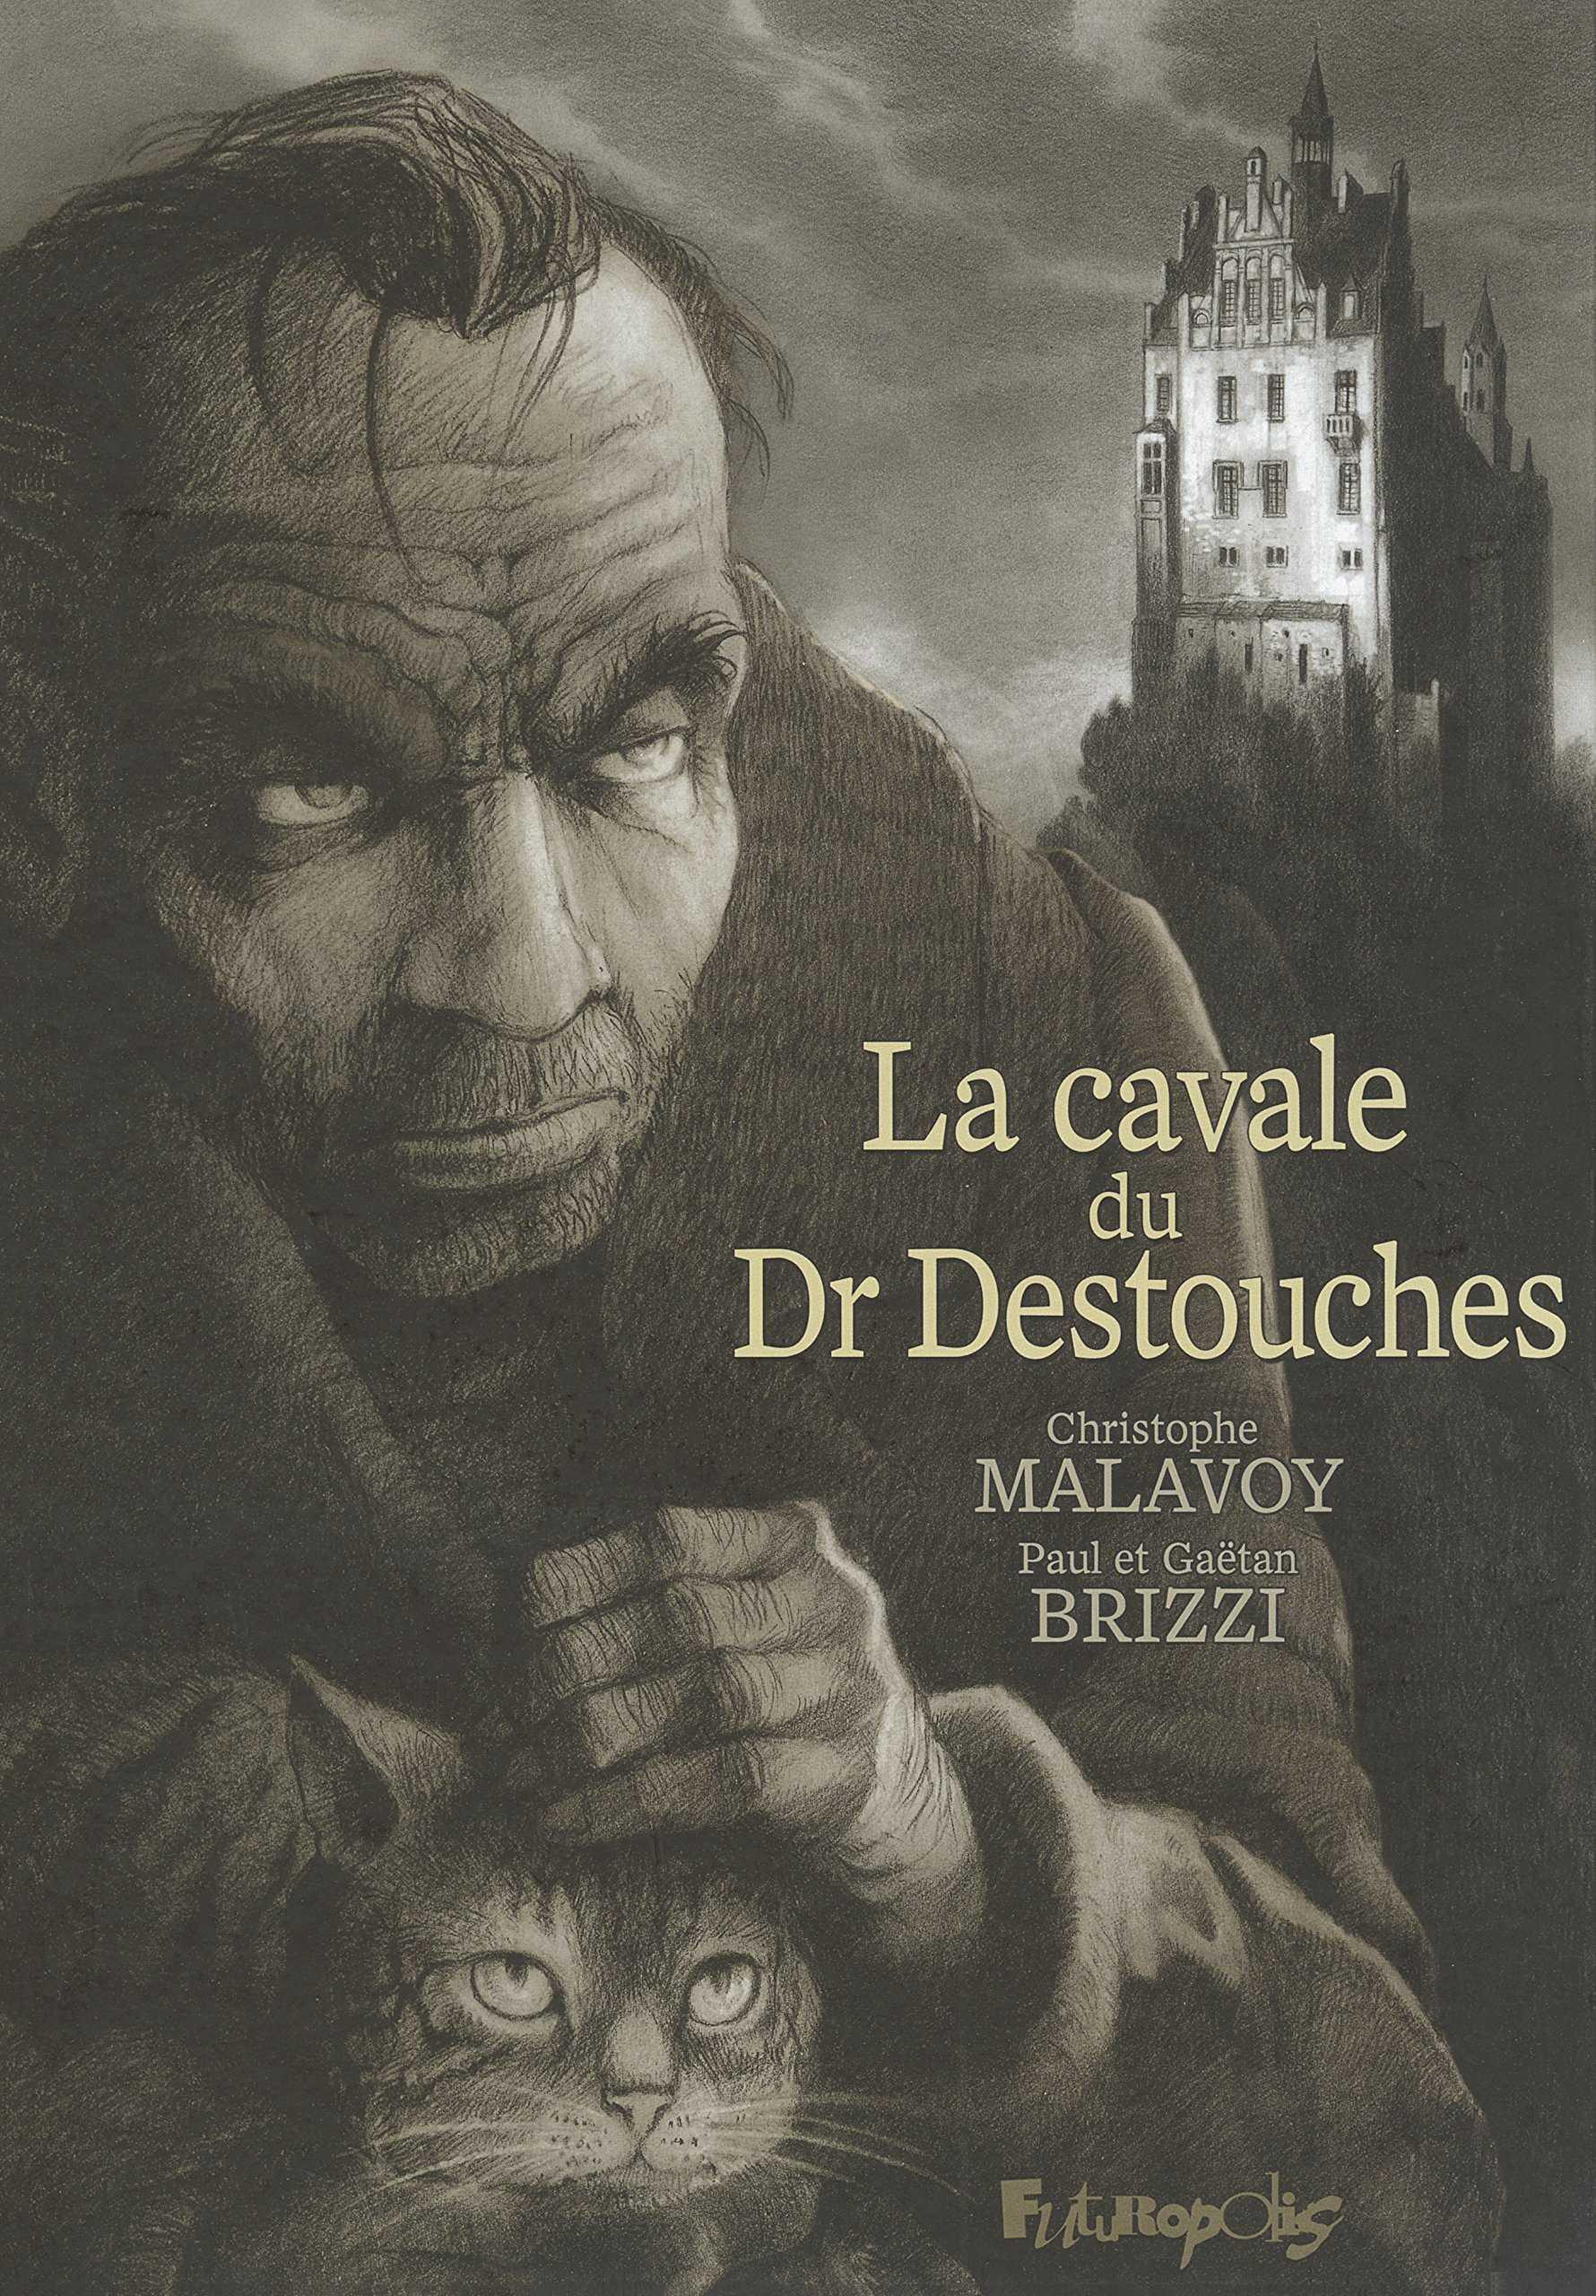 La Cavale du Dr Destouches, Céline au bout de la nuit